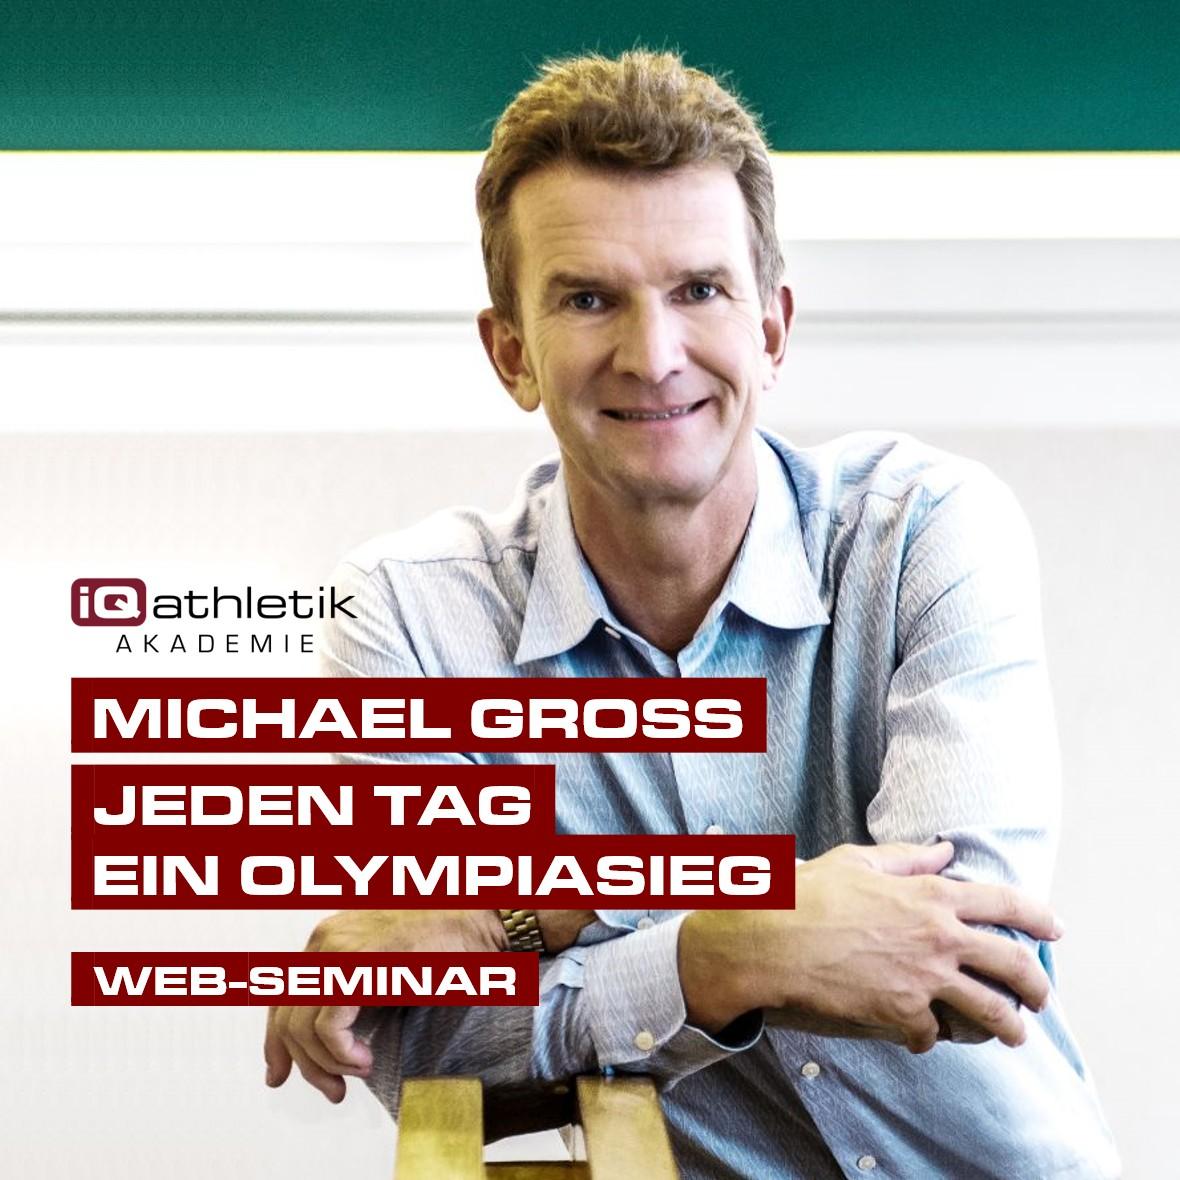 Web-Seminar mit Michael Groß: Jeden Tag ein Olympiasieg. Nachhaltig auf der Erfolgsspur bleiben (am 23.03.2021)